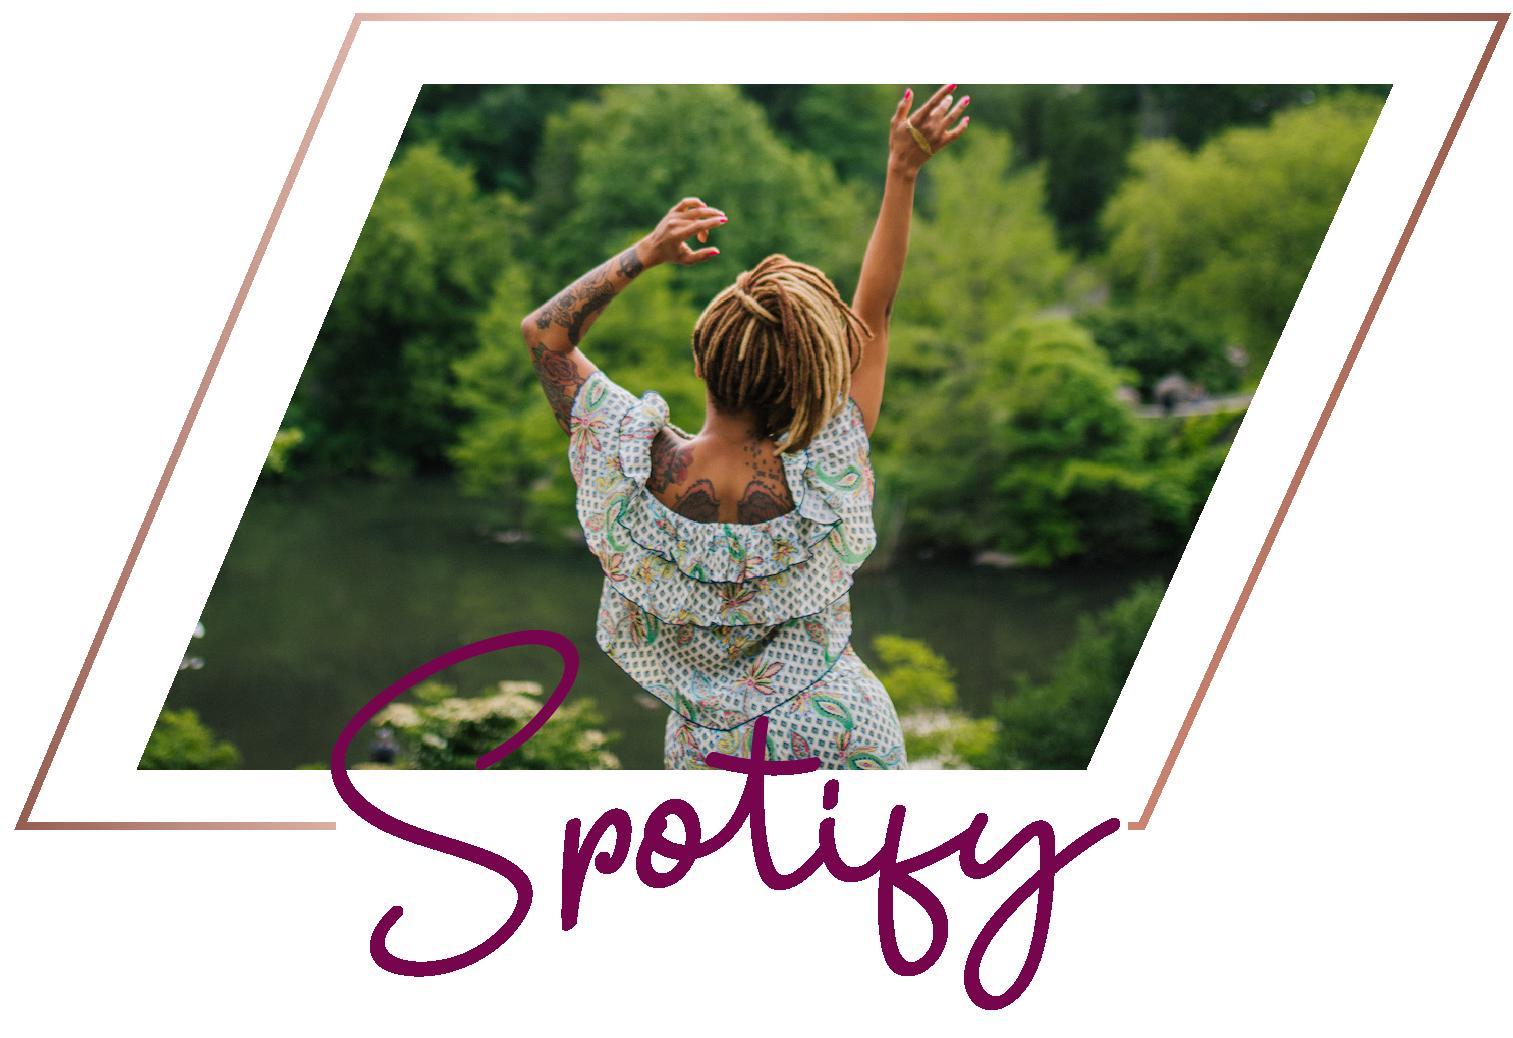 Chrisette Michele's World | Chrisette Michele | Spotify | Grammy Award Winner | Recording Artist | R&B | Singer | New York City